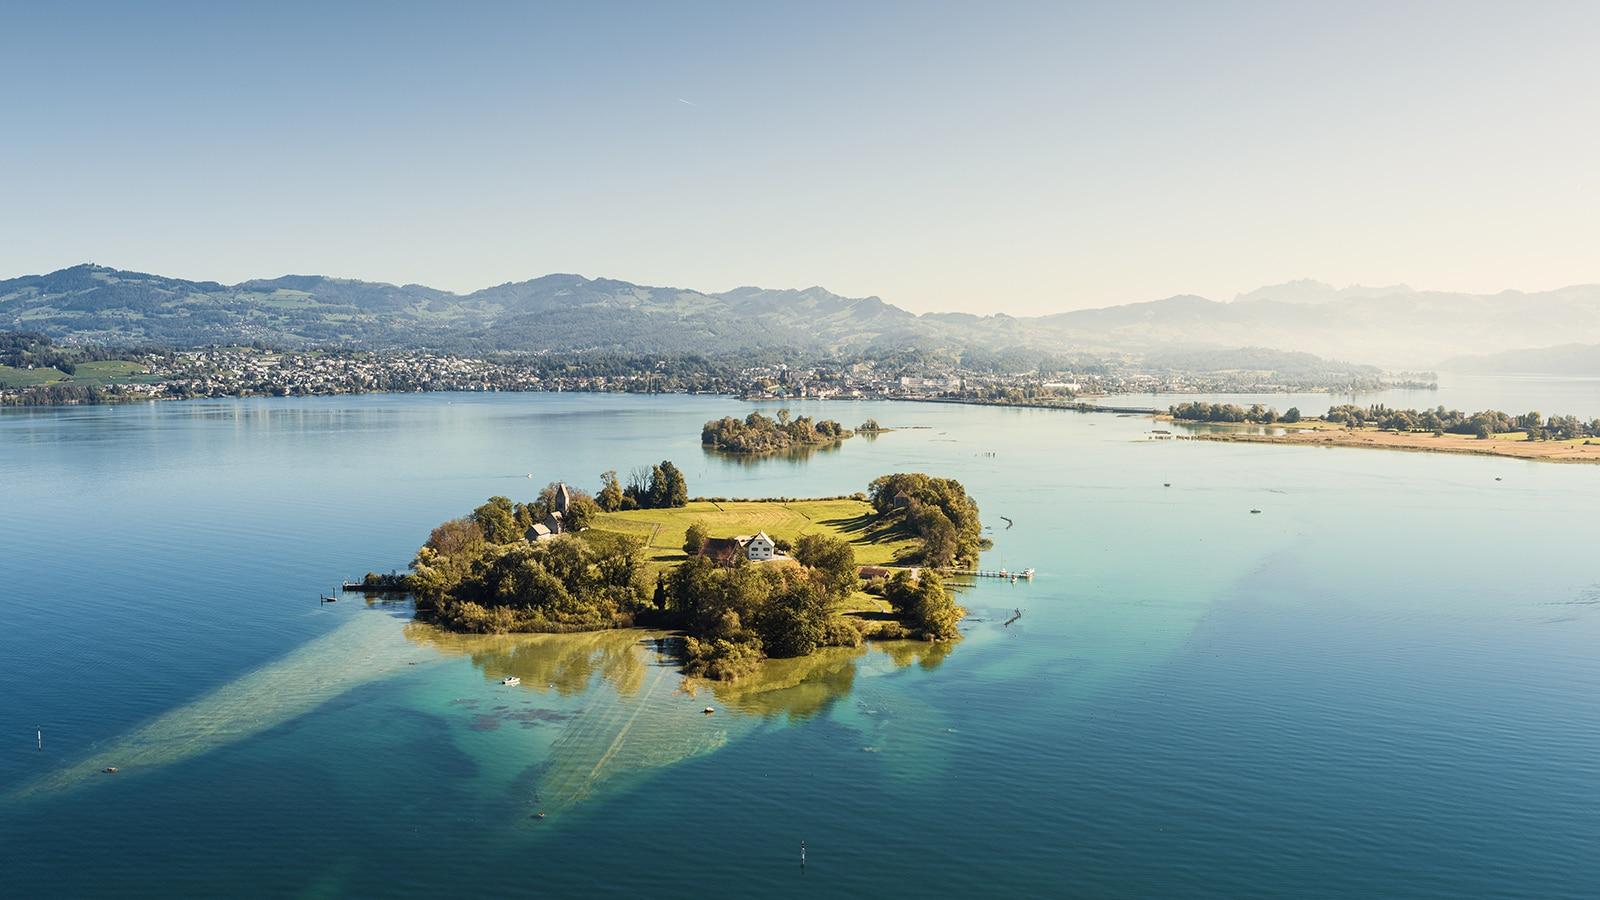 Luftaufnahme mit Helikopter über dem Zürichsee mit Blick auf Ufenau, Lützelau, Damm, Rapperswil, Bachtel, Ricken, Obersee, Säntis